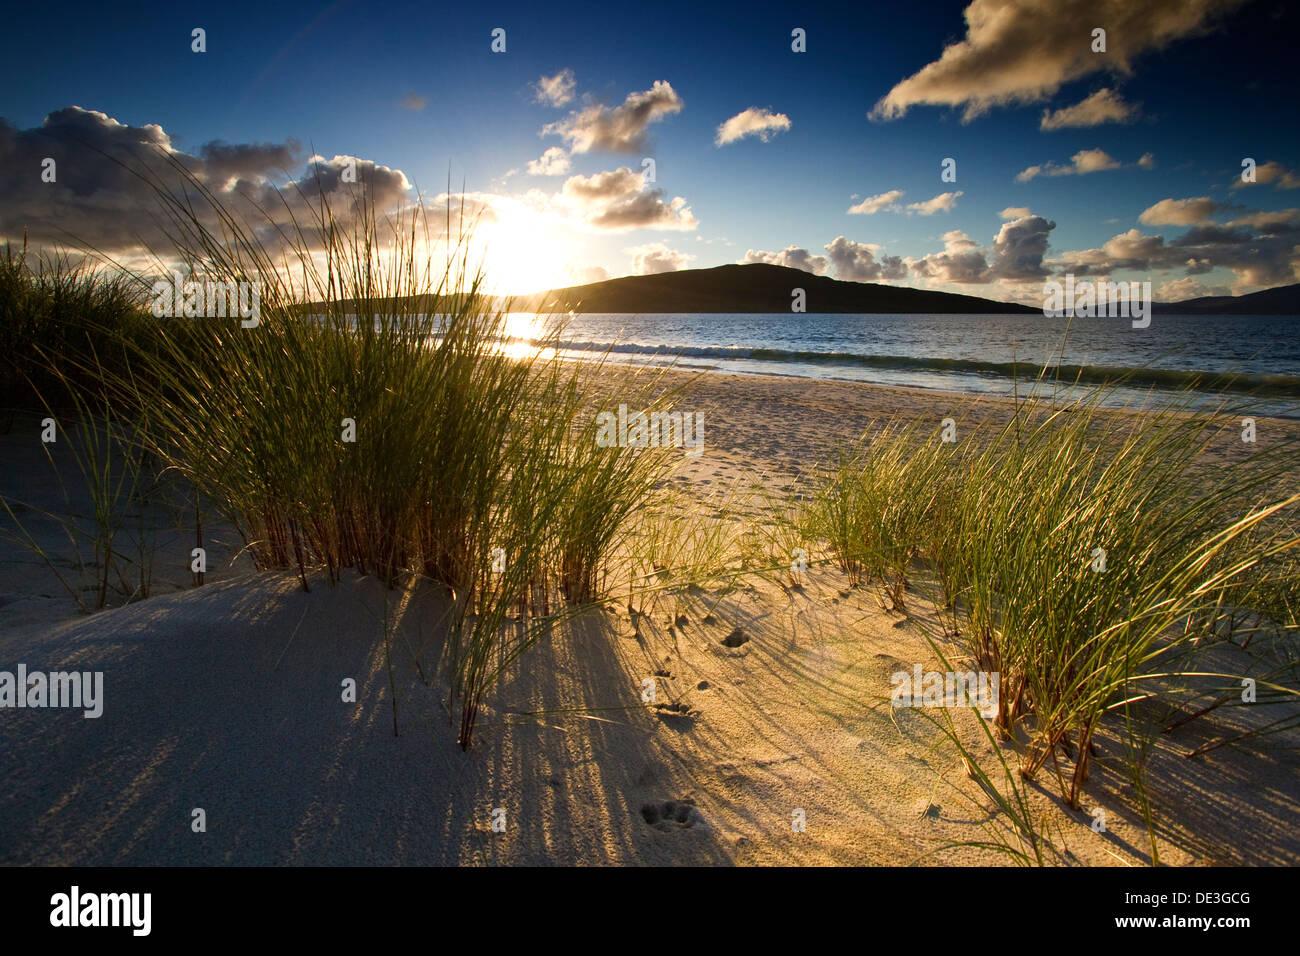 Sunset on Luskentyre Beach on the Isle of Harris, Scotland. Taken looking towards the Island of Taransay - Stock Image